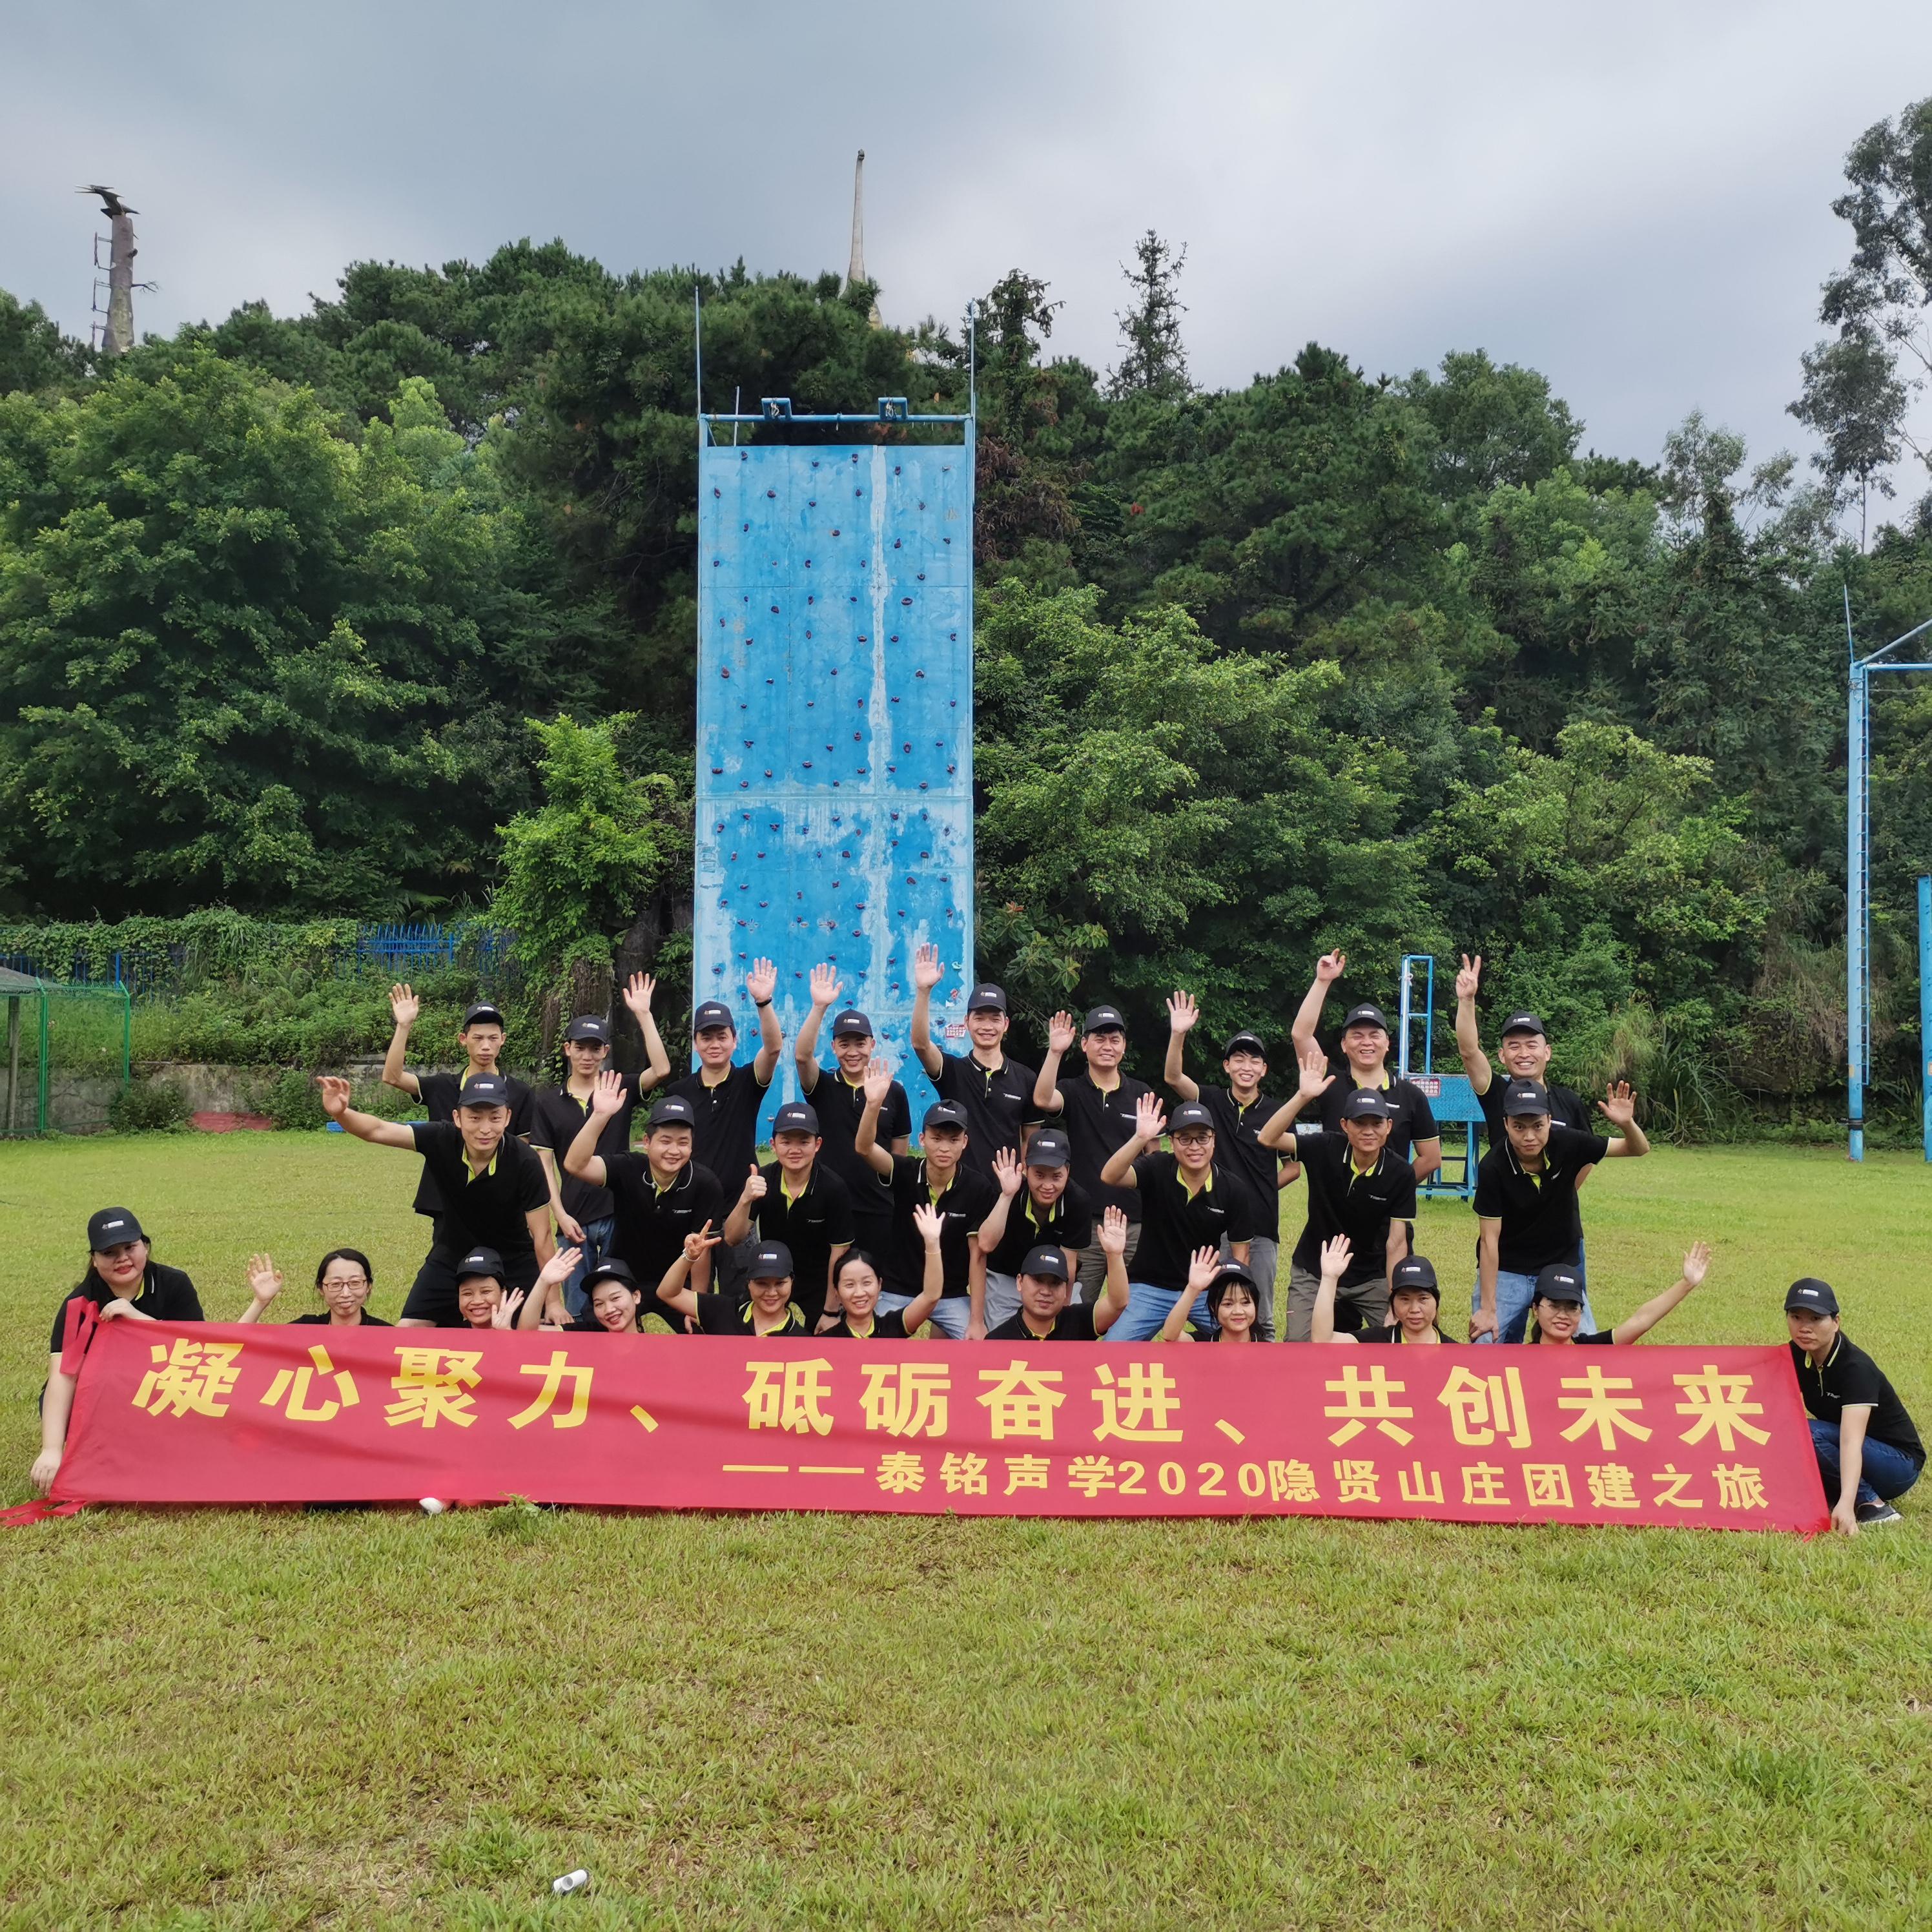 【活动回顾】秦铭深学有限公司隐贤山庄